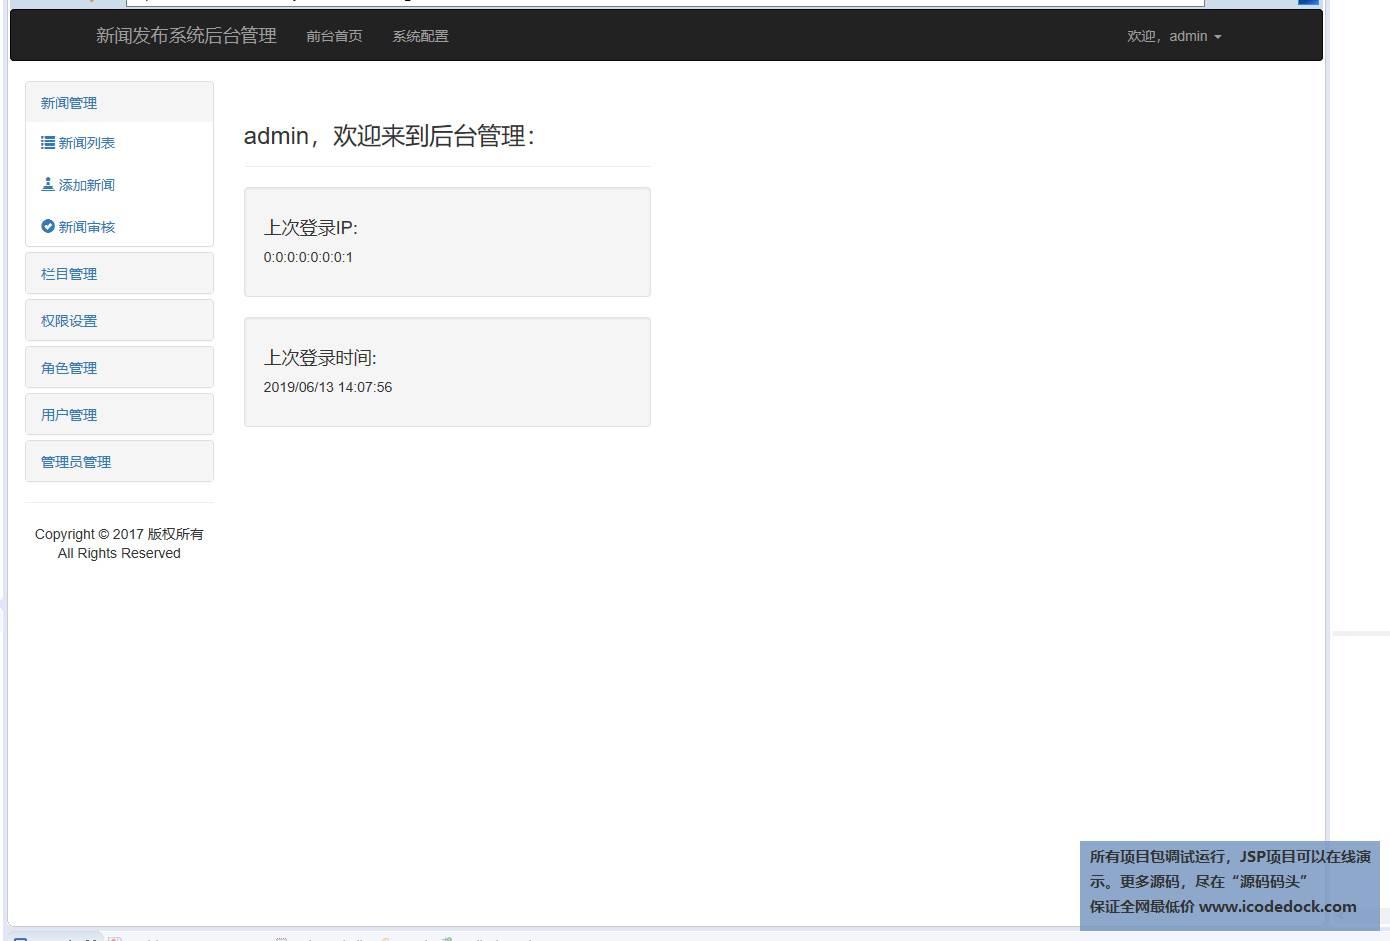 源码码头-SSH新闻管理发布网站系统-管理员角色-管理员首页